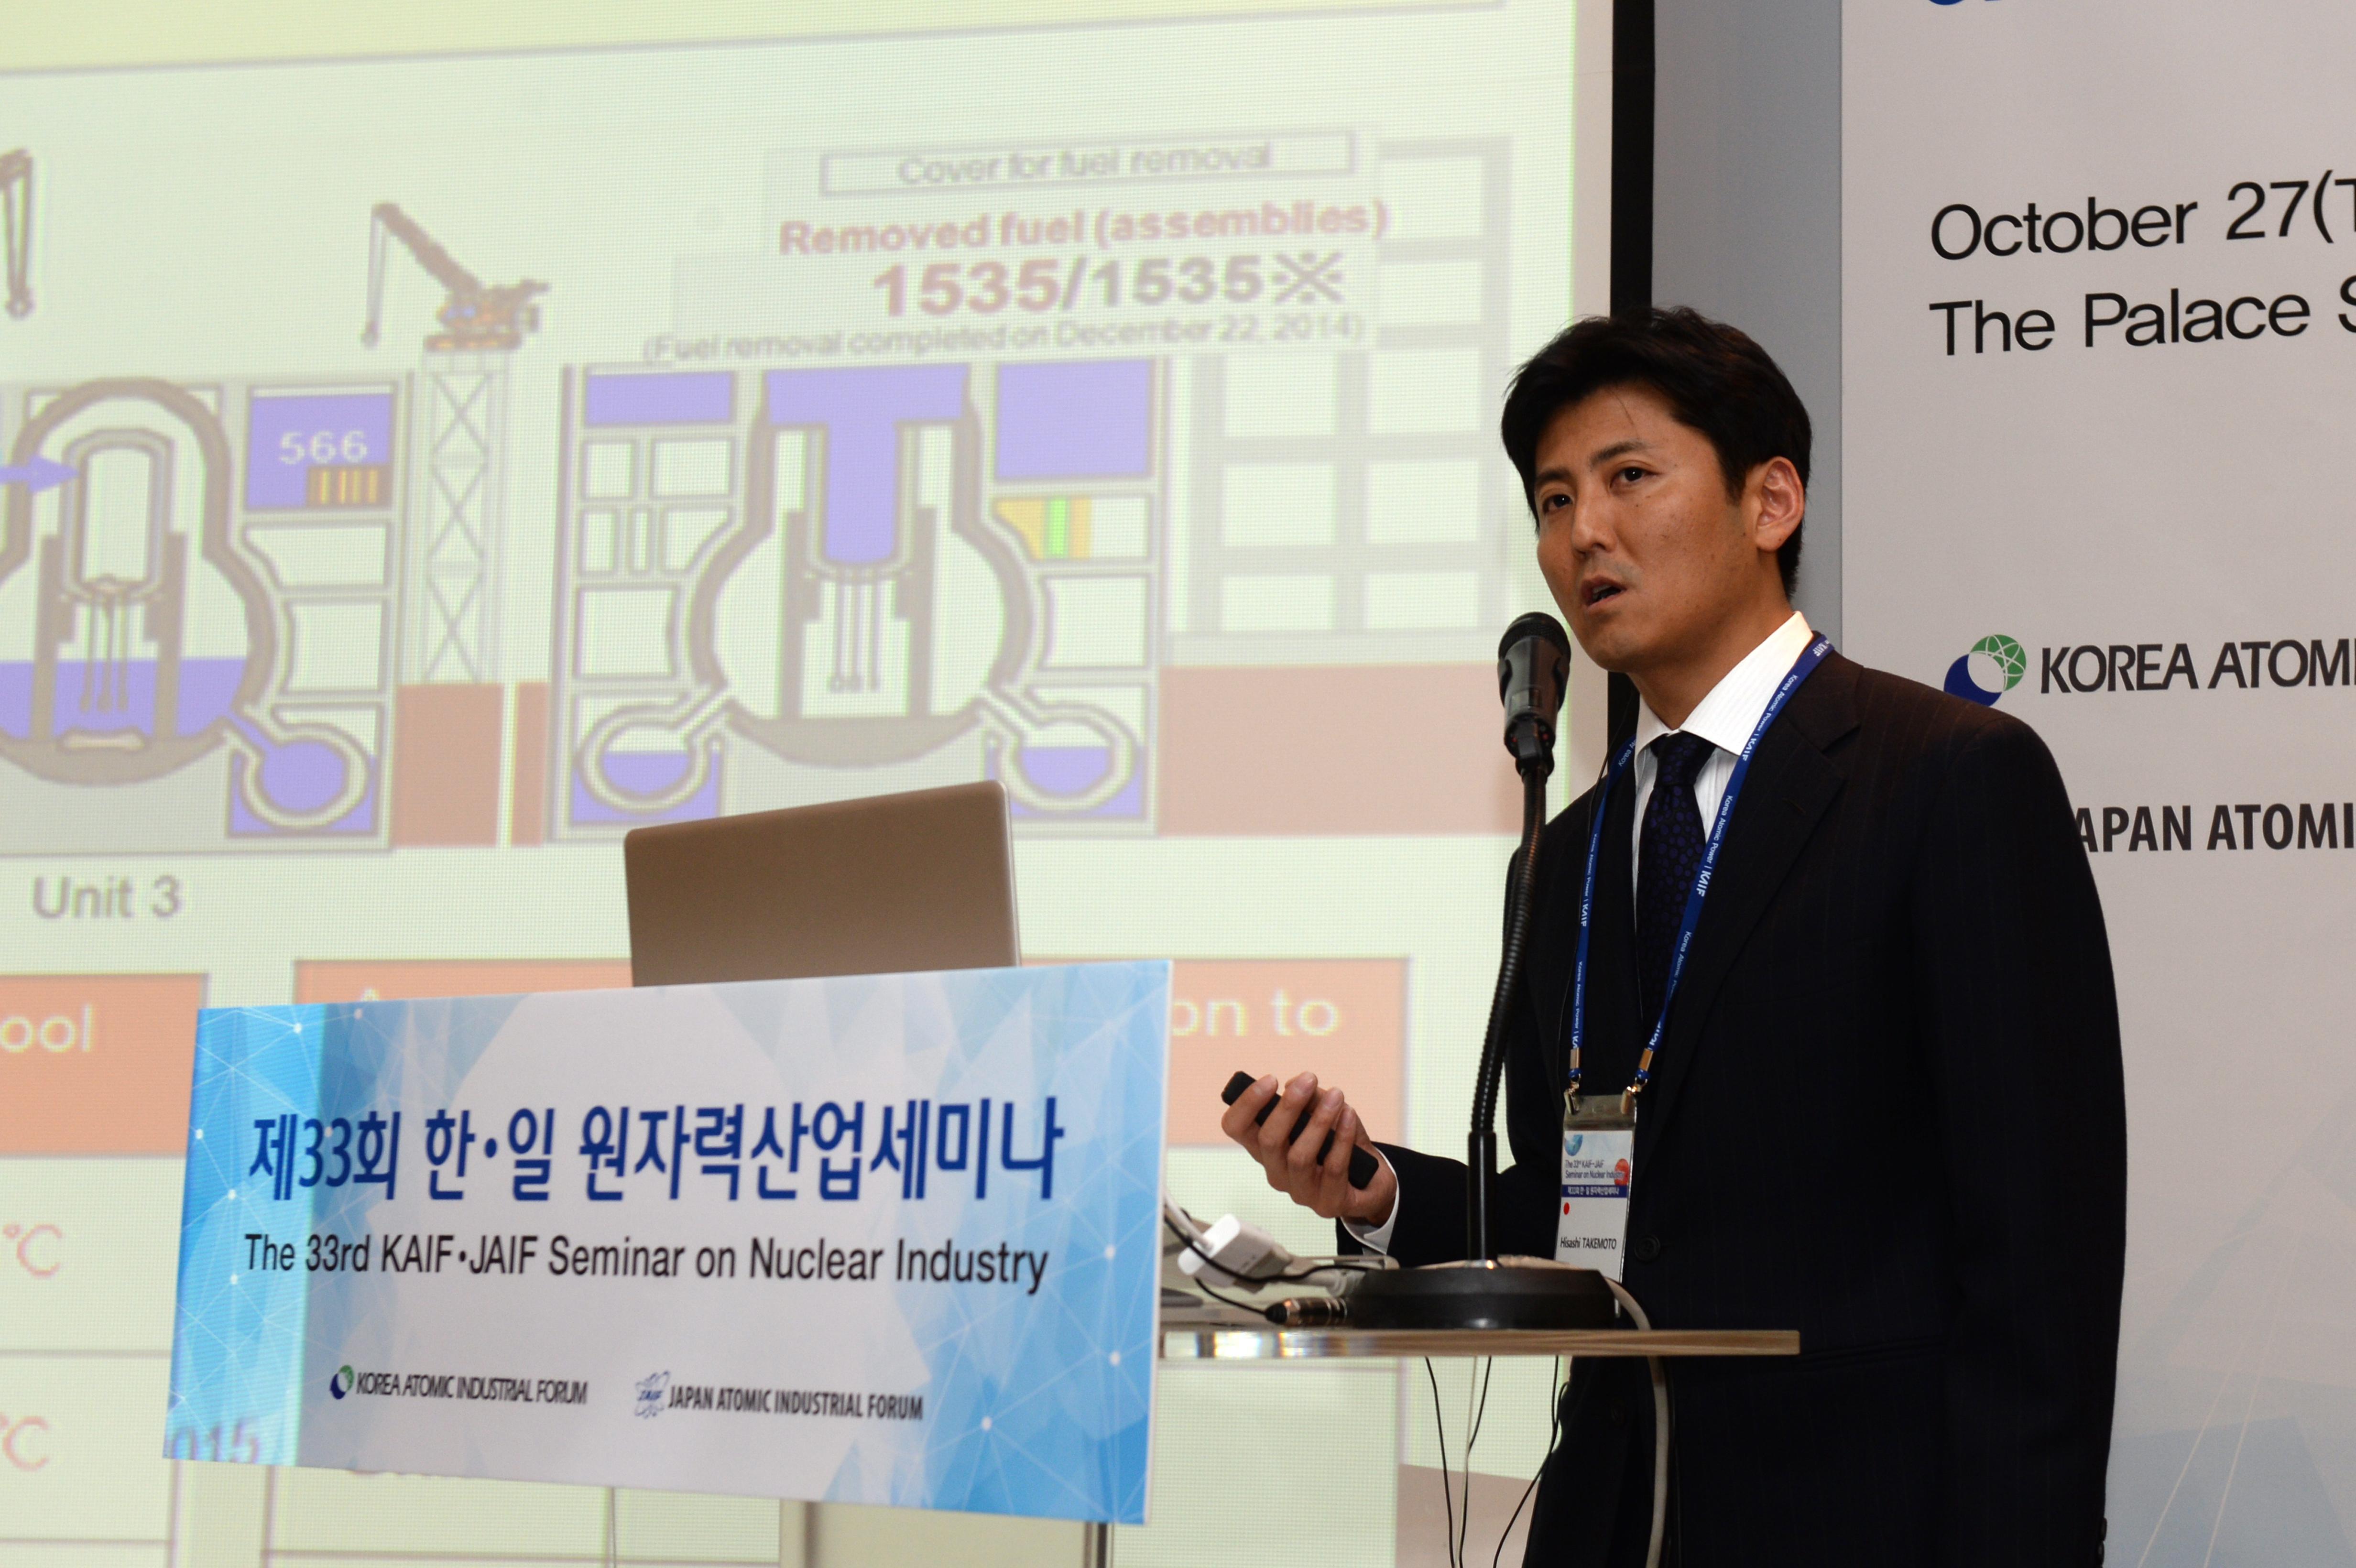 후쿠시마 제1원전 지역 제염해체 작업을 담당하고 있는 다케모토 히사시 팀장은 완전한 복구를 위해서는 막대한 인력과 예산이 필요한 만큼 세계적 협력이 필요한 상태라고 말했다. - 한국원자력산업회의 제공